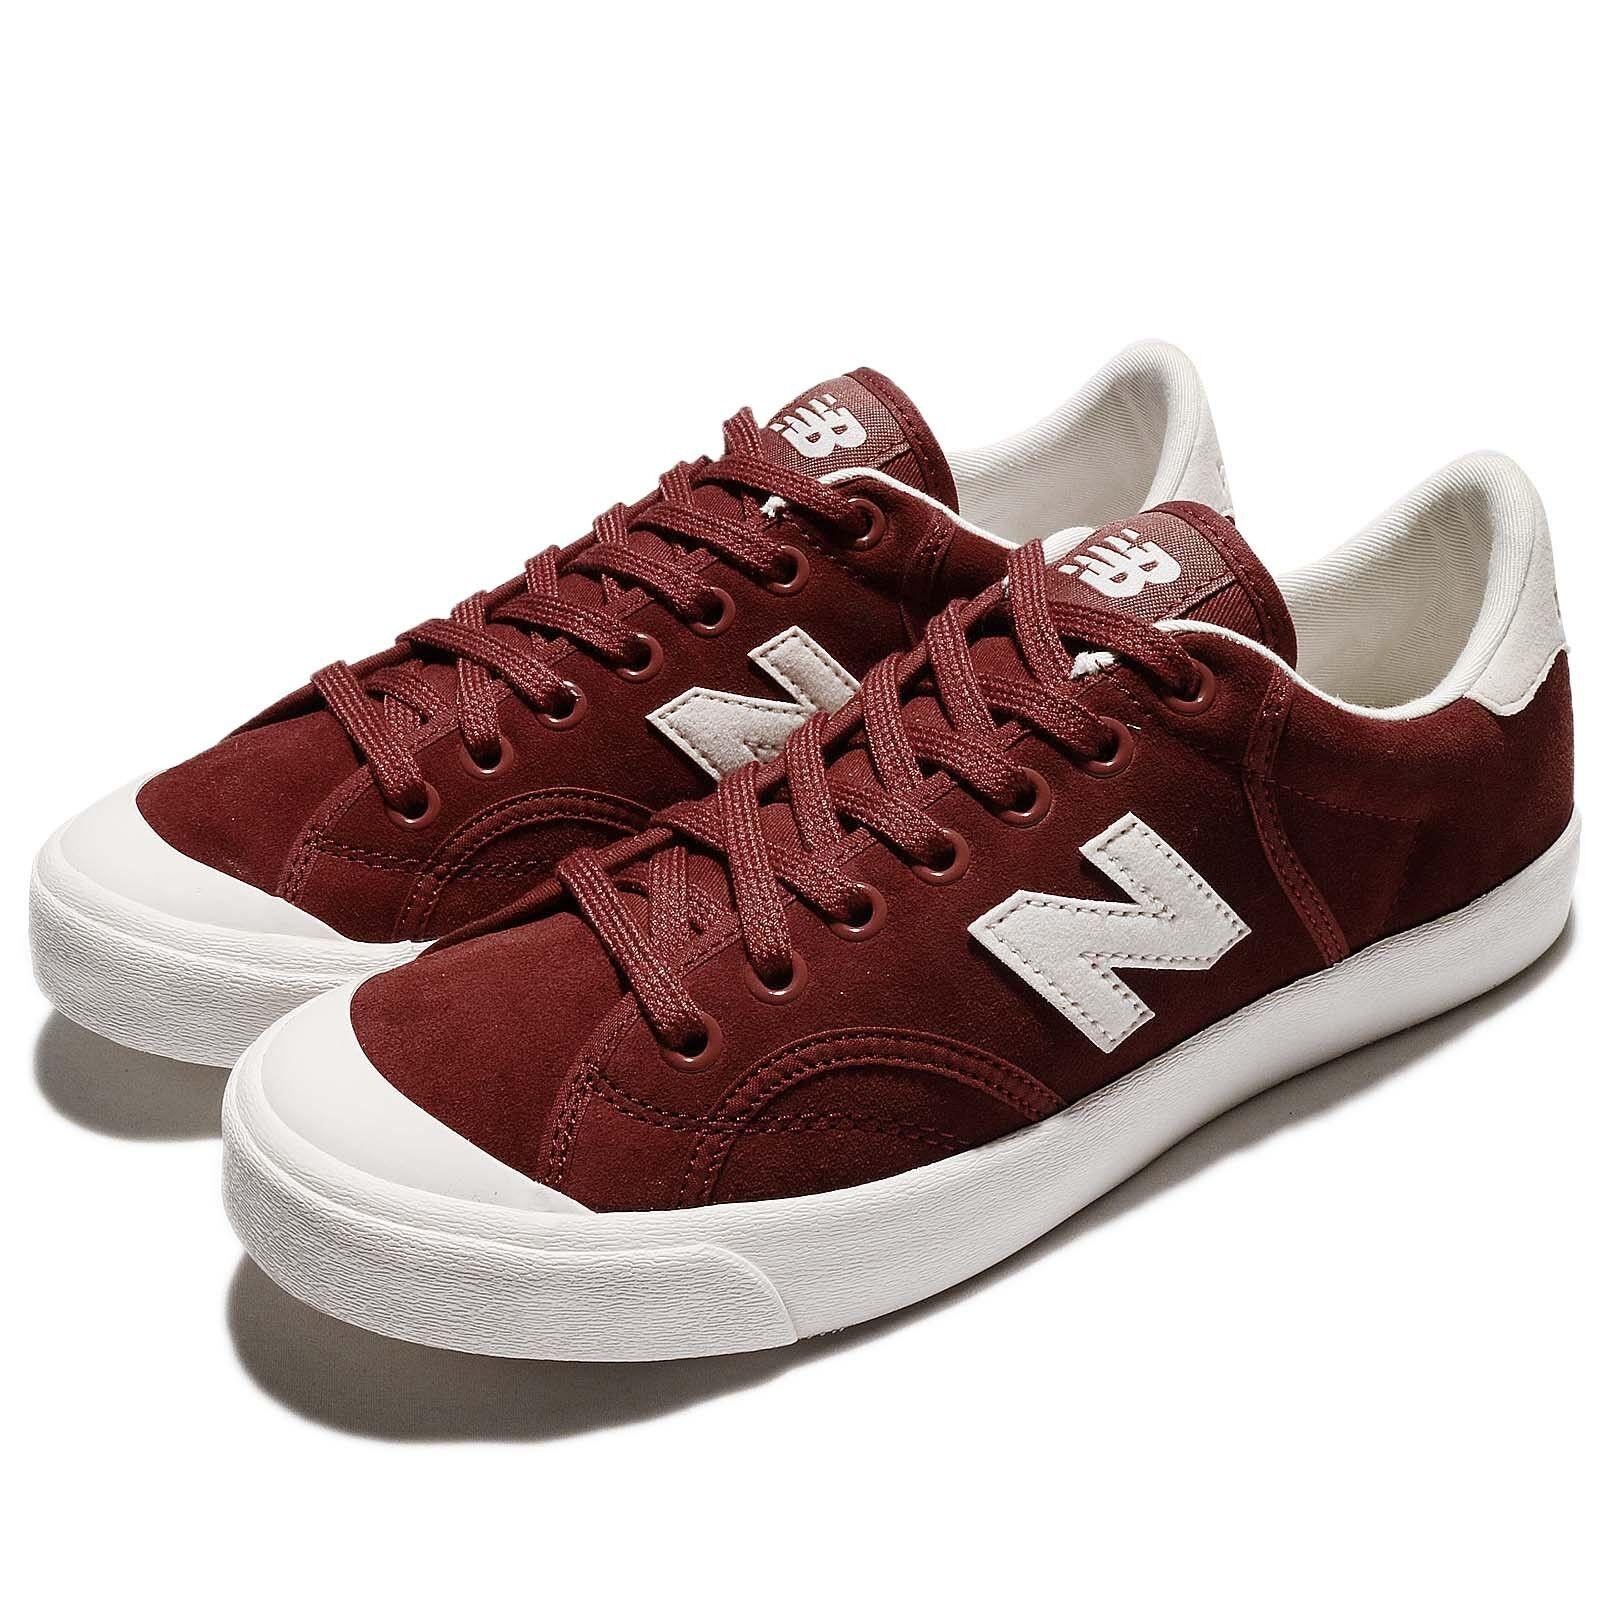 New Balance PROCTSBH D ProCourt Heritage Suede Rosso Uomo Shoes Scarpe da Ginnastica PROCTSBHD